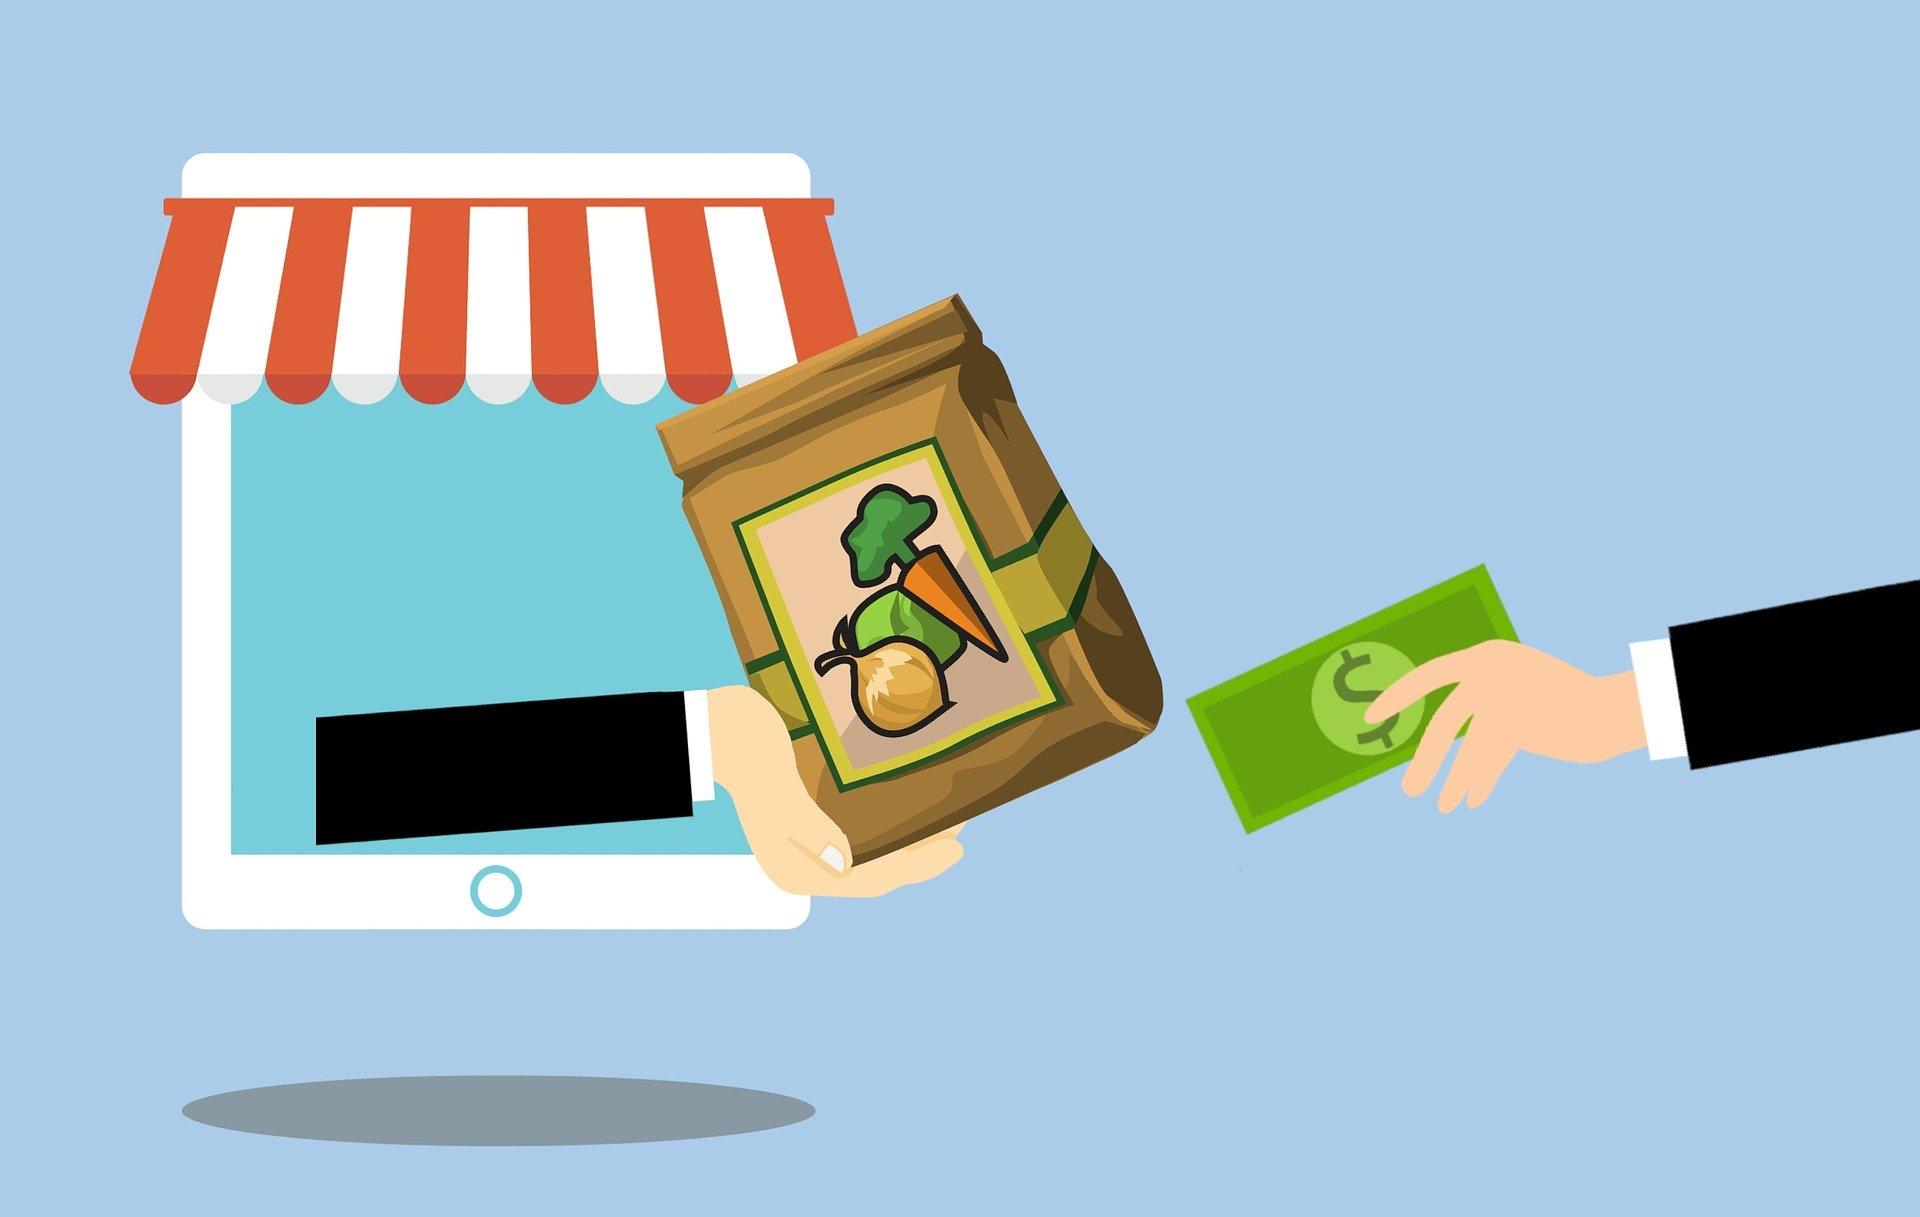 Illustração de duas mãos trocando uma sacola de compras de mercado por uma cédula verde de dinheiro